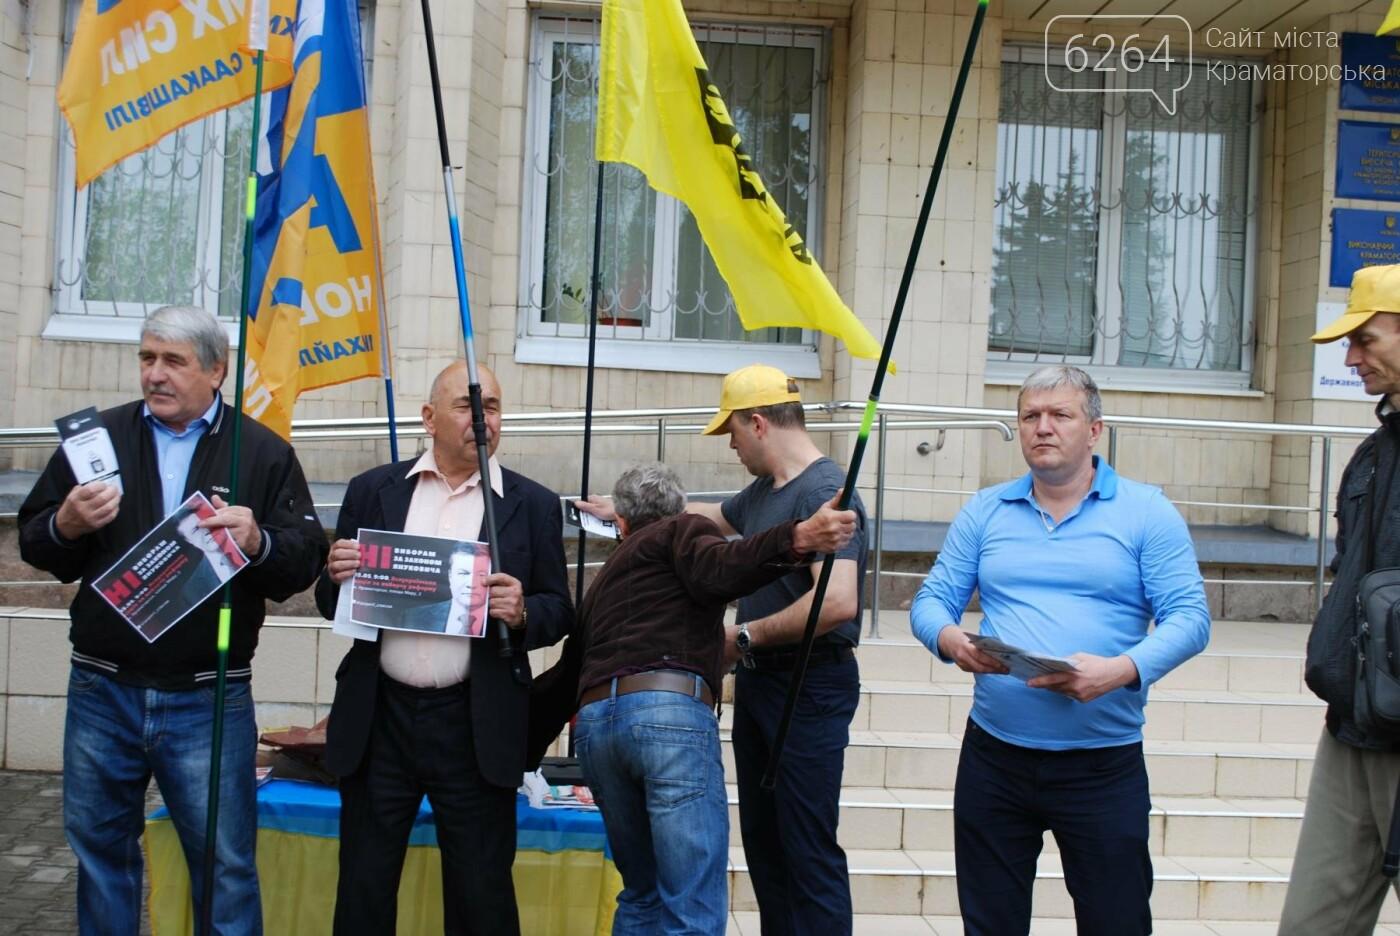 В Краматорске решительно сказали: «Нет! Выборам по закону Януковича», фото-1